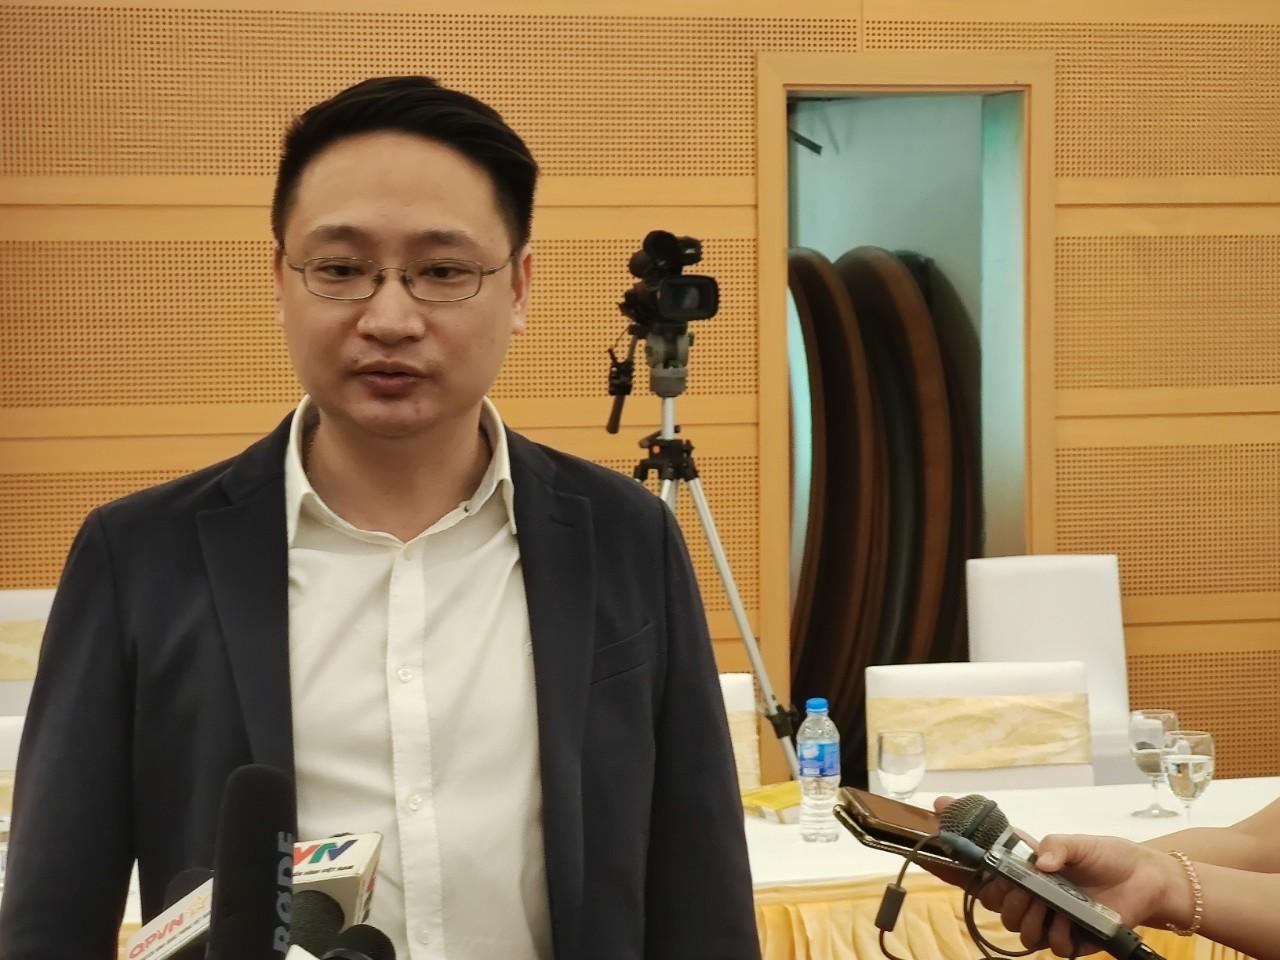 Thương mại điện tử Việt Nam tốc độ phát triển tiềm năng vượt Thái Lan, nhưng vẫn còn nhiều thách thức - Ảnh 2.